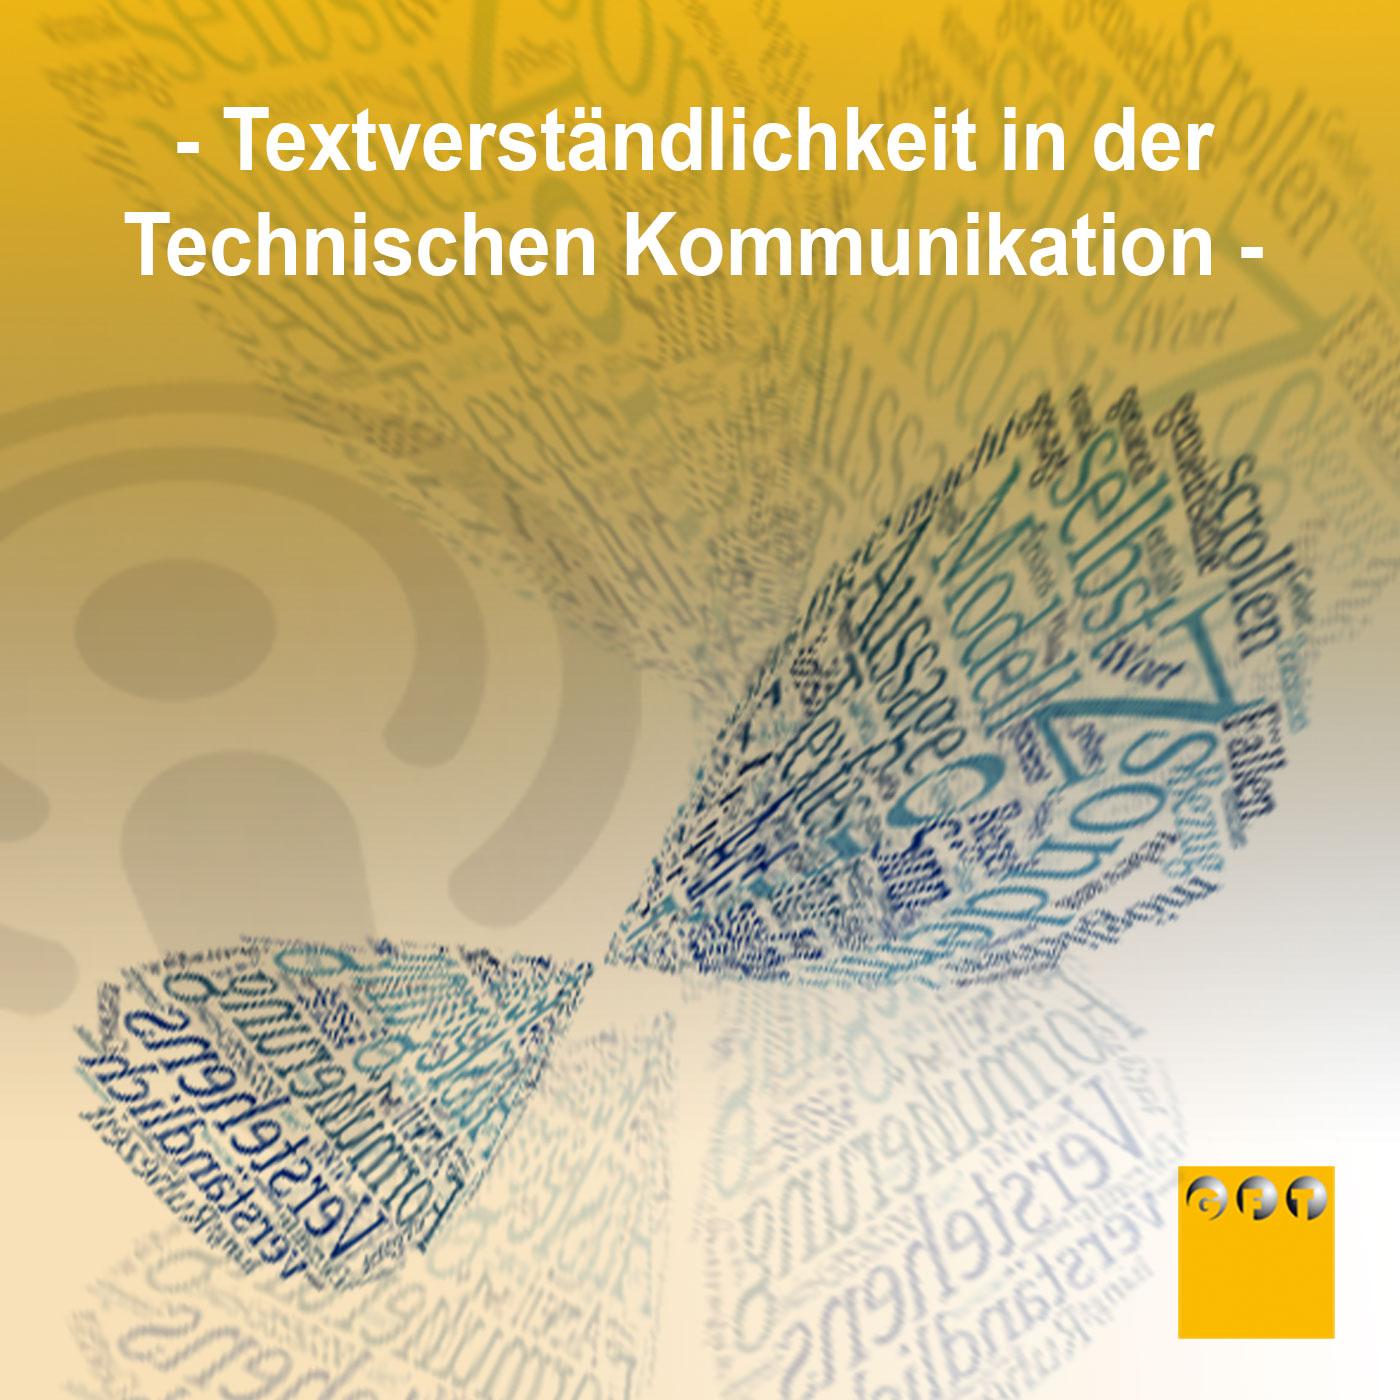 TV #001 Textverständlichkeit In Der Technischen Kommunikation